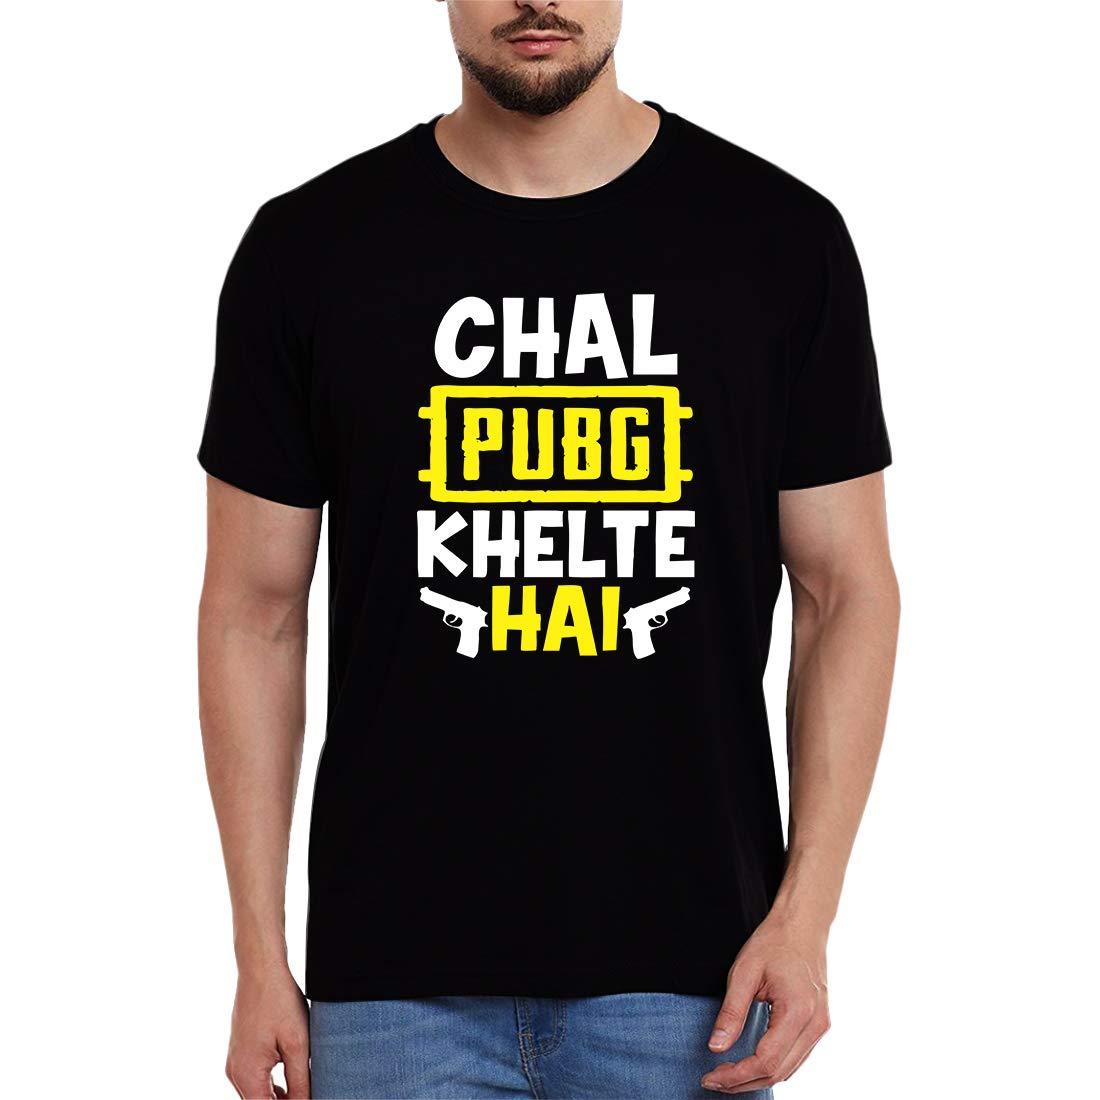 pubg tshirt , chal pubg khelte hai tshirt, playerunknownbattleground, tshirt, shirt